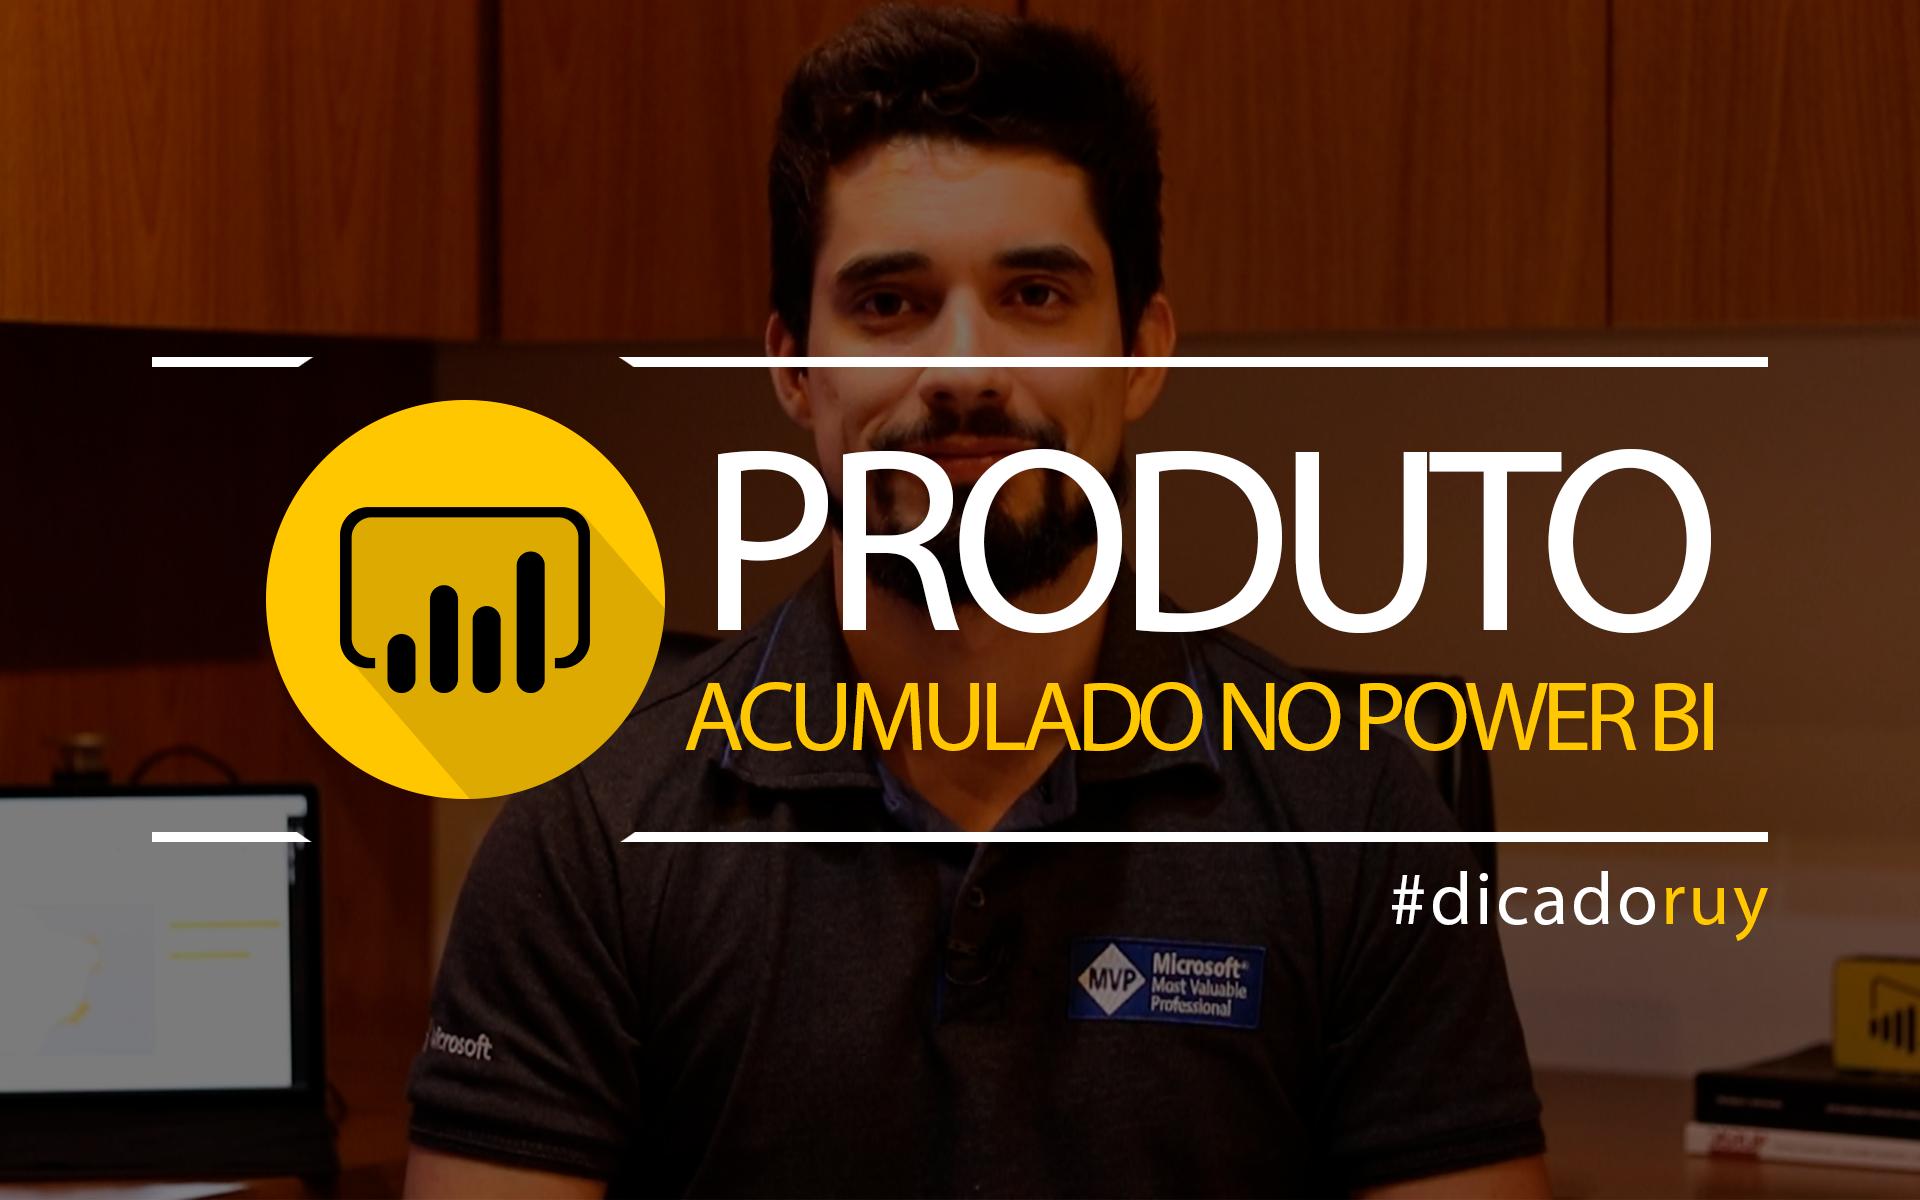 Como fazer produto acumulado no Power BI?